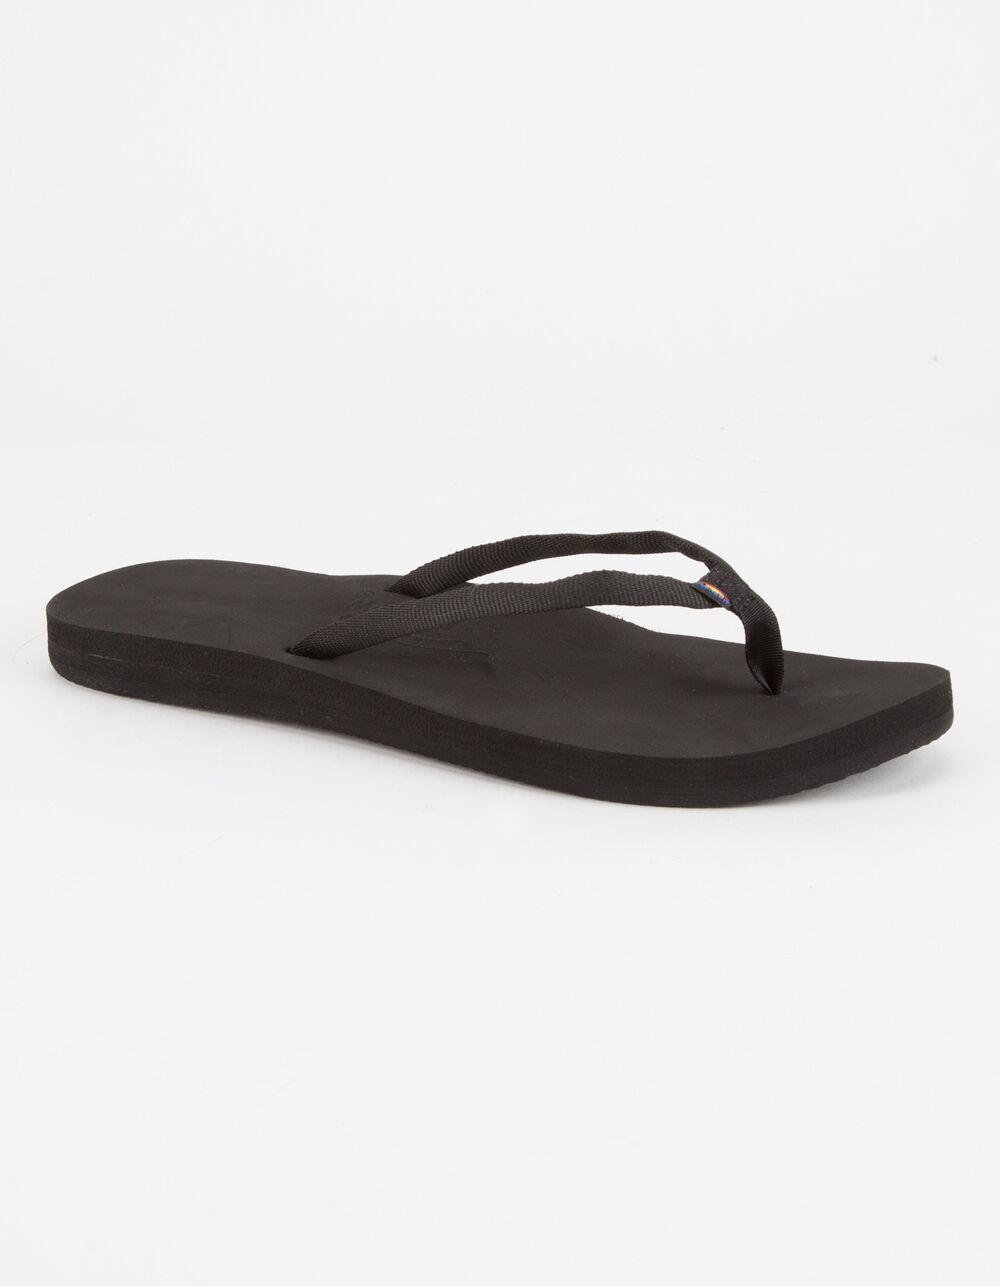 RAINBOW Low Cloud Sandals